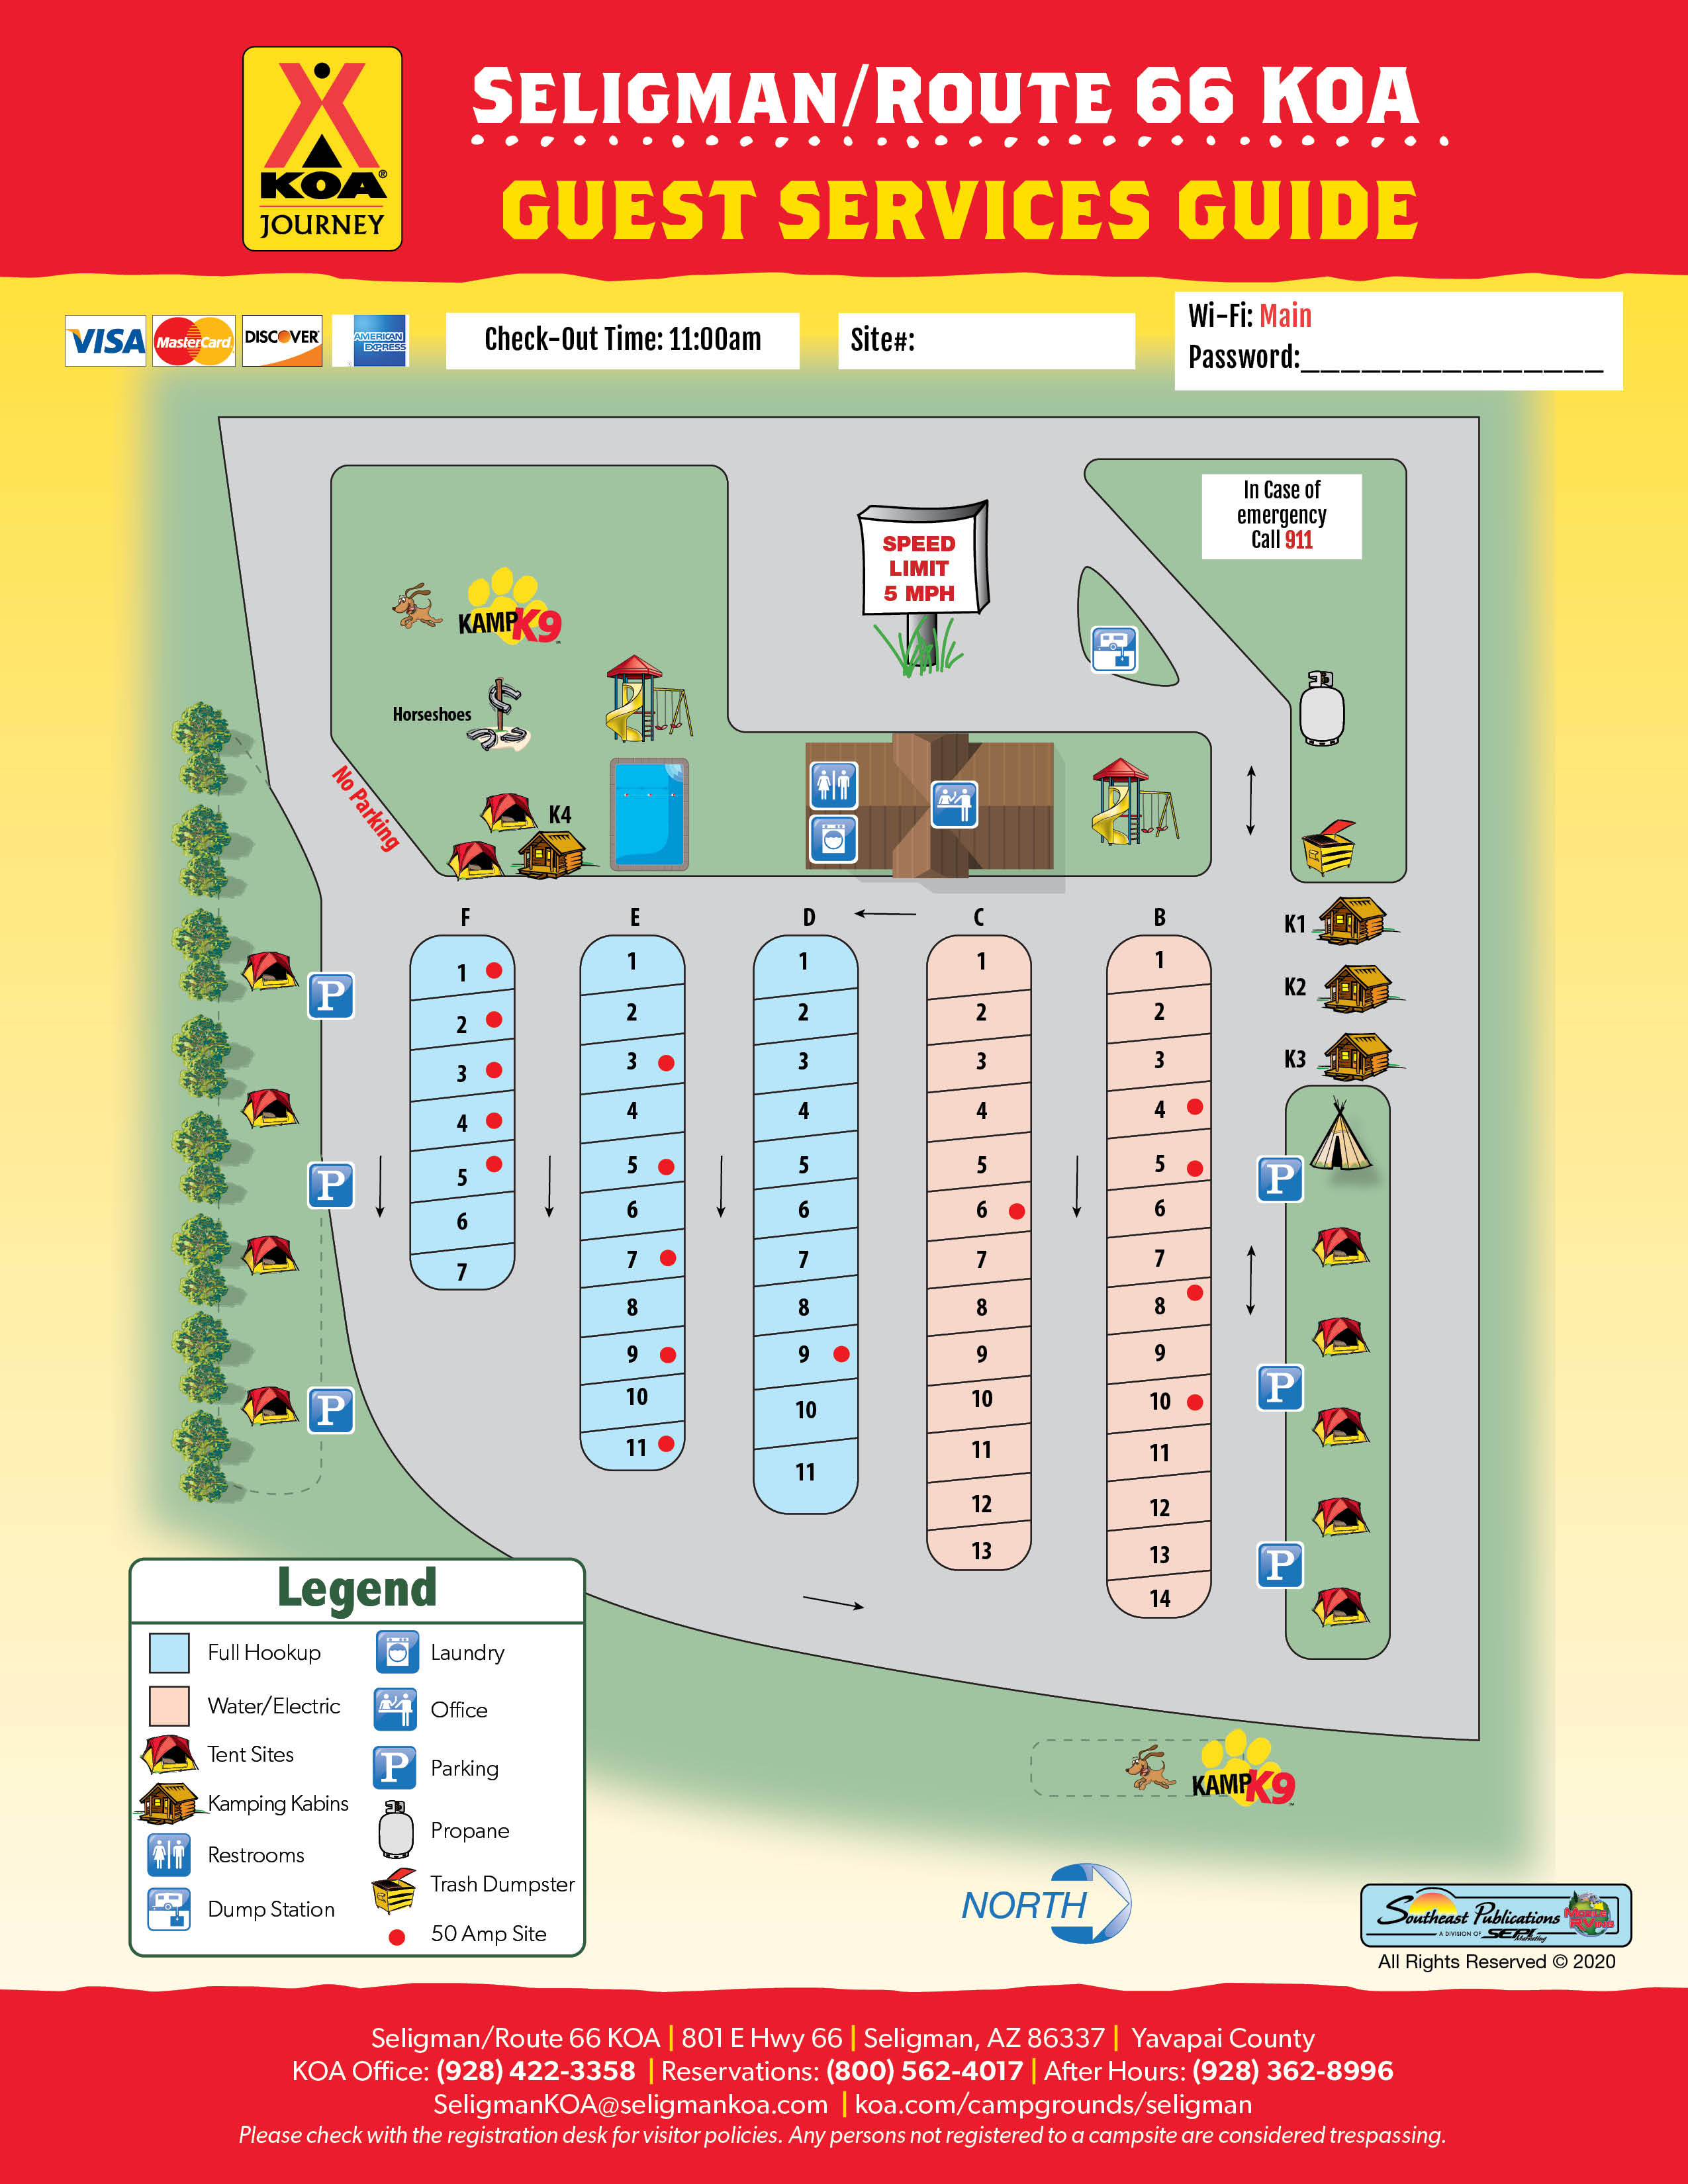 Seligman, Arizona Campground Map | Seligman / Route 66 KOA